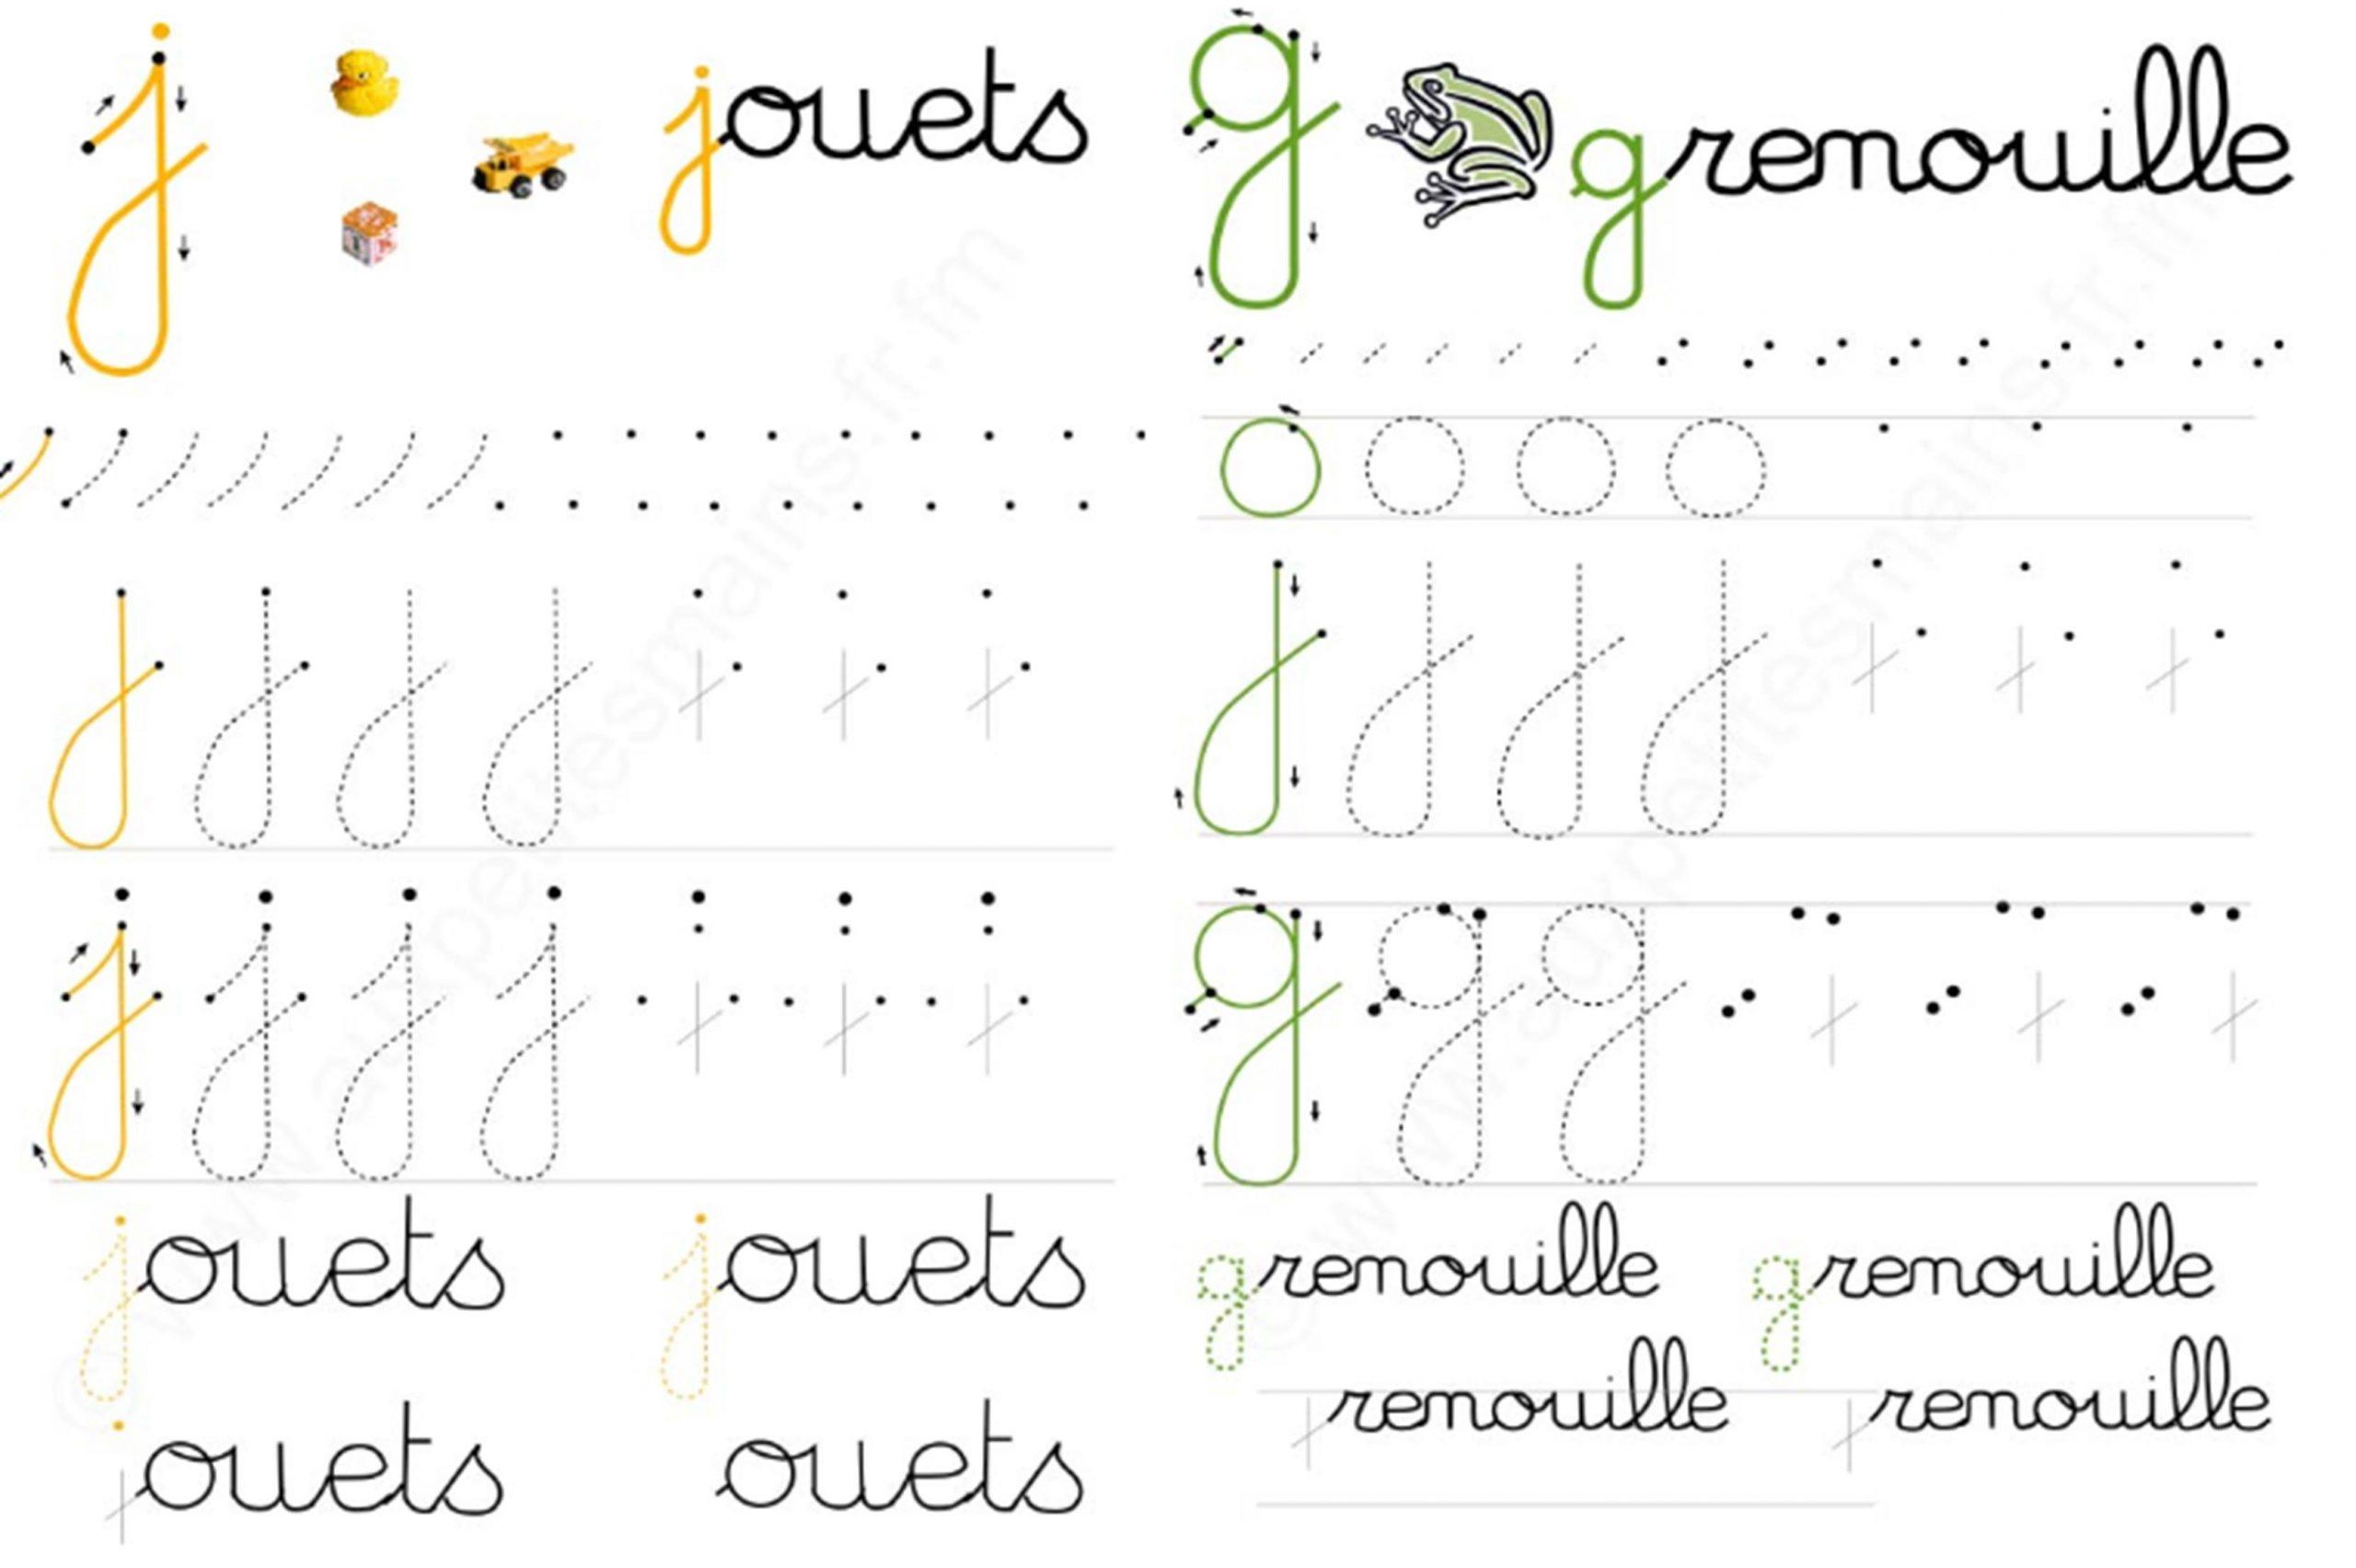 Fichier D'écriture Grande Section | Le Blog De Monsieur Mathieu intérieur Exercice De Moyenne Section